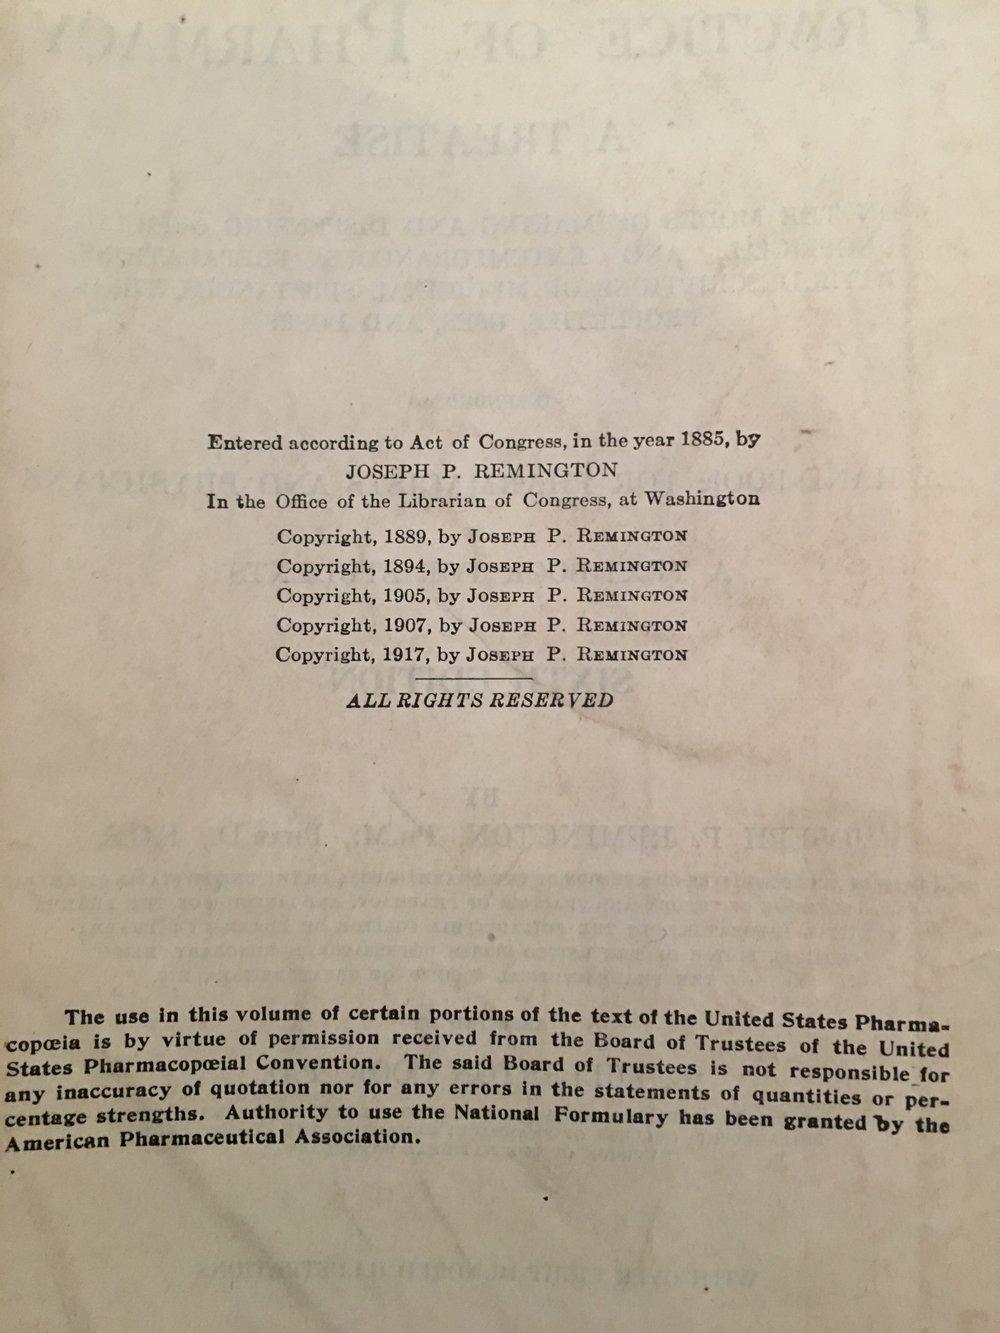 Publication Dates - 1885, 1889, 1894, 1905, 1907, 1917